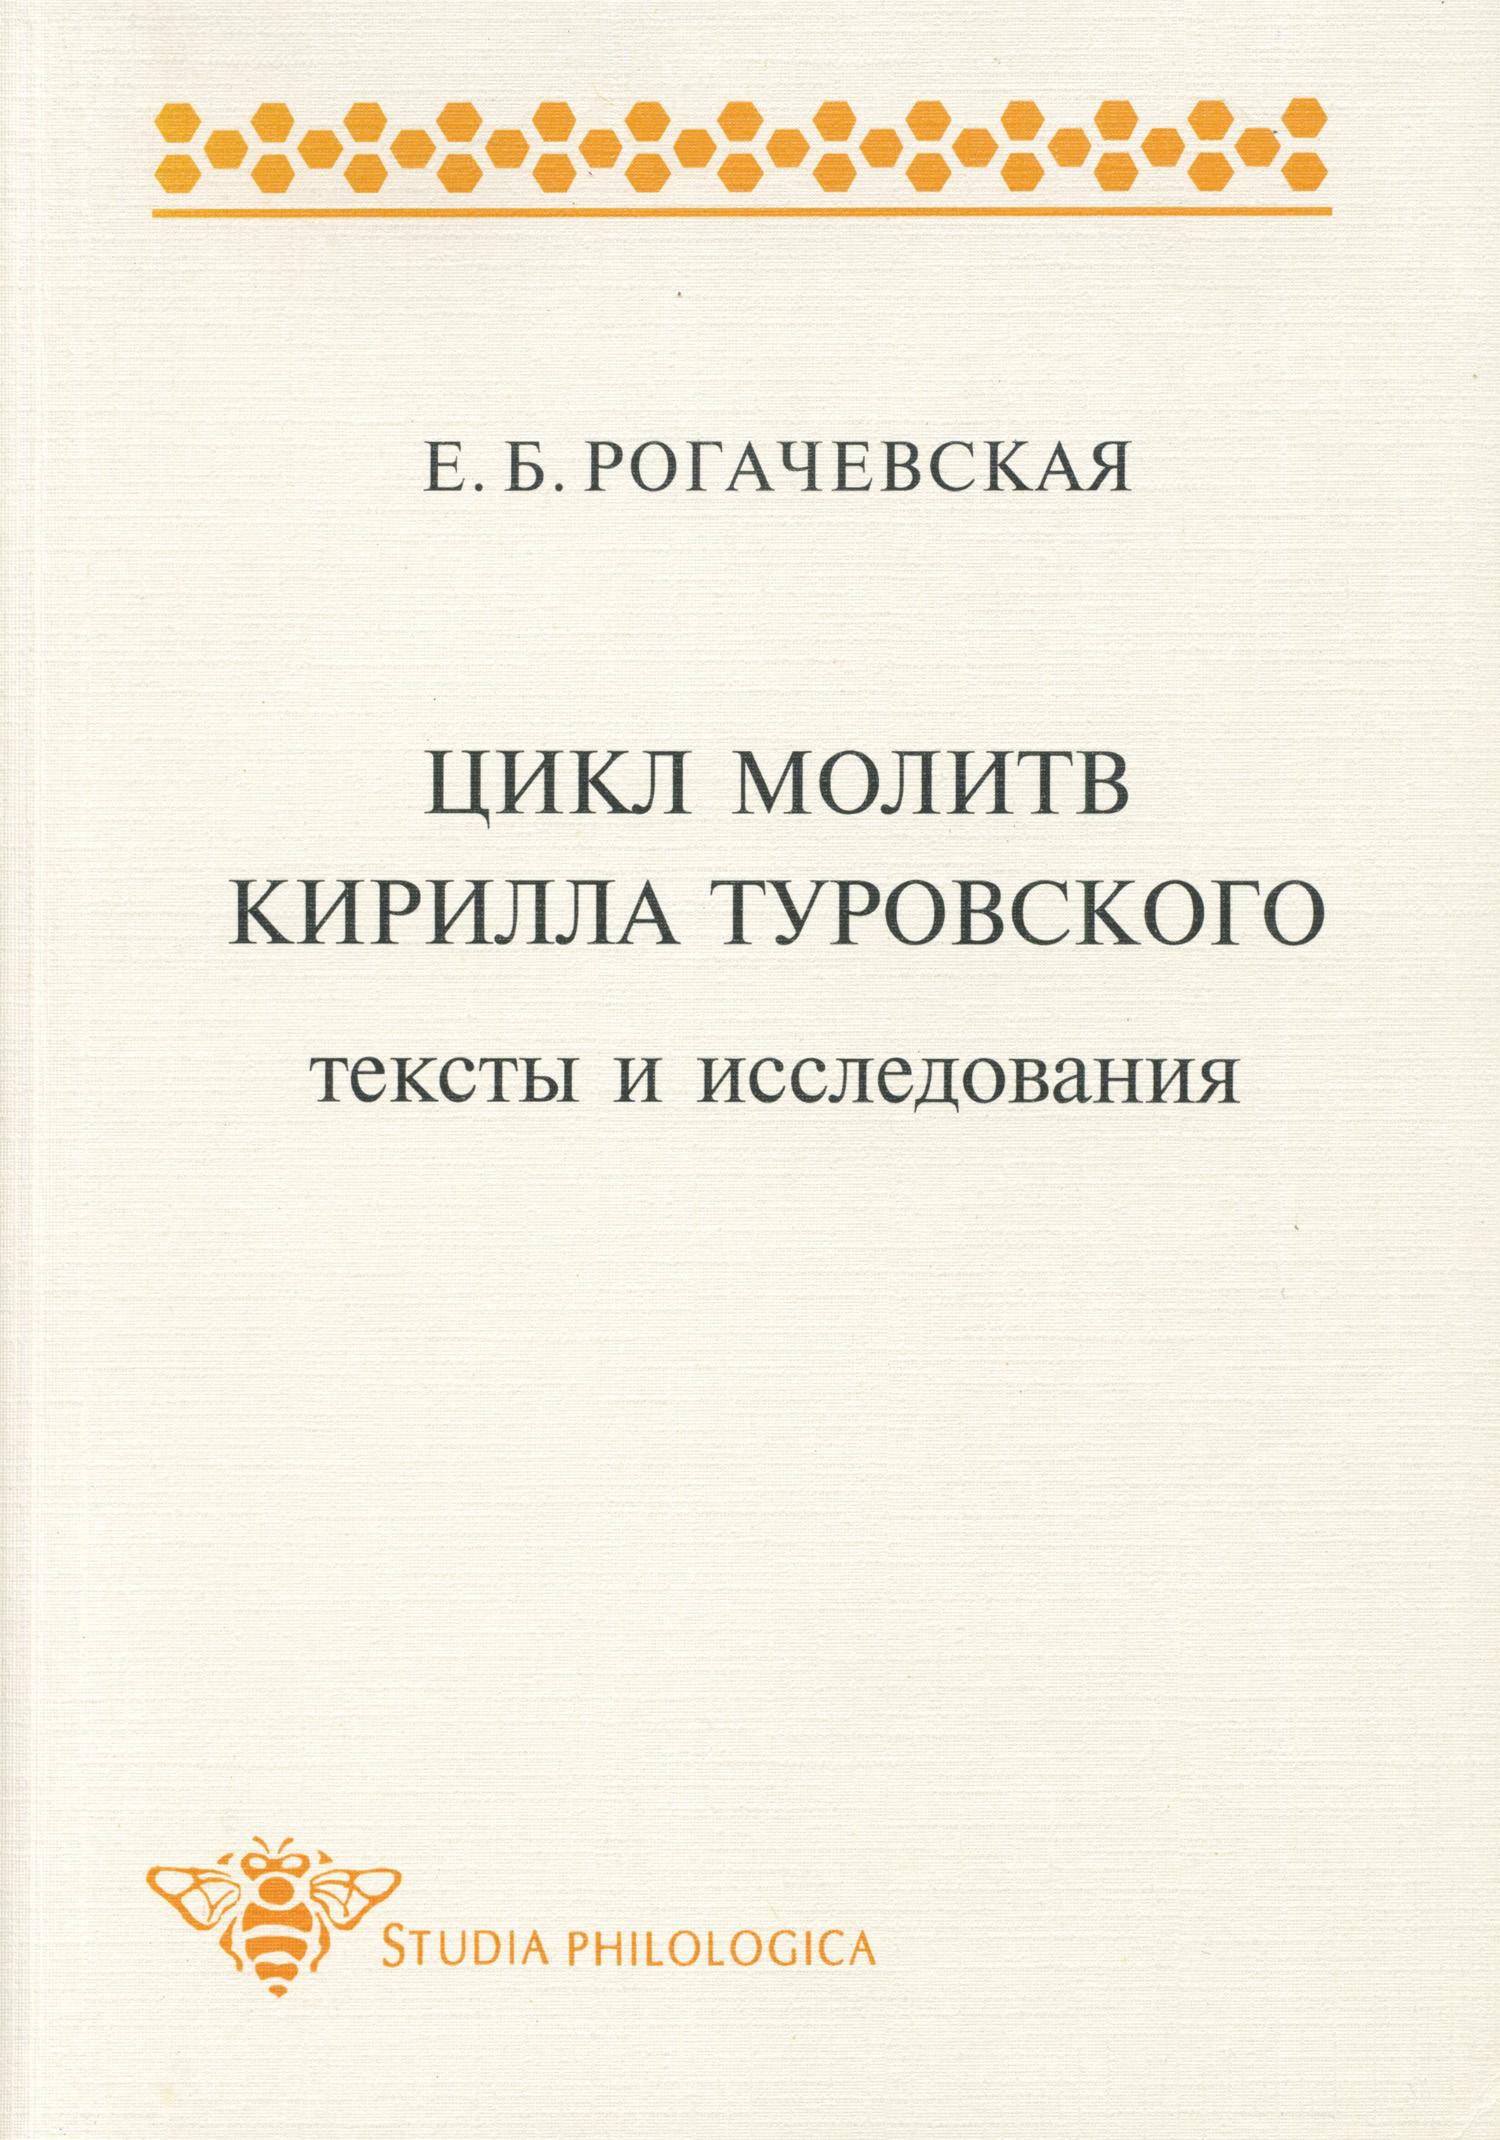 Цикл молитв Кирилла Туровского. Тексты и исследования